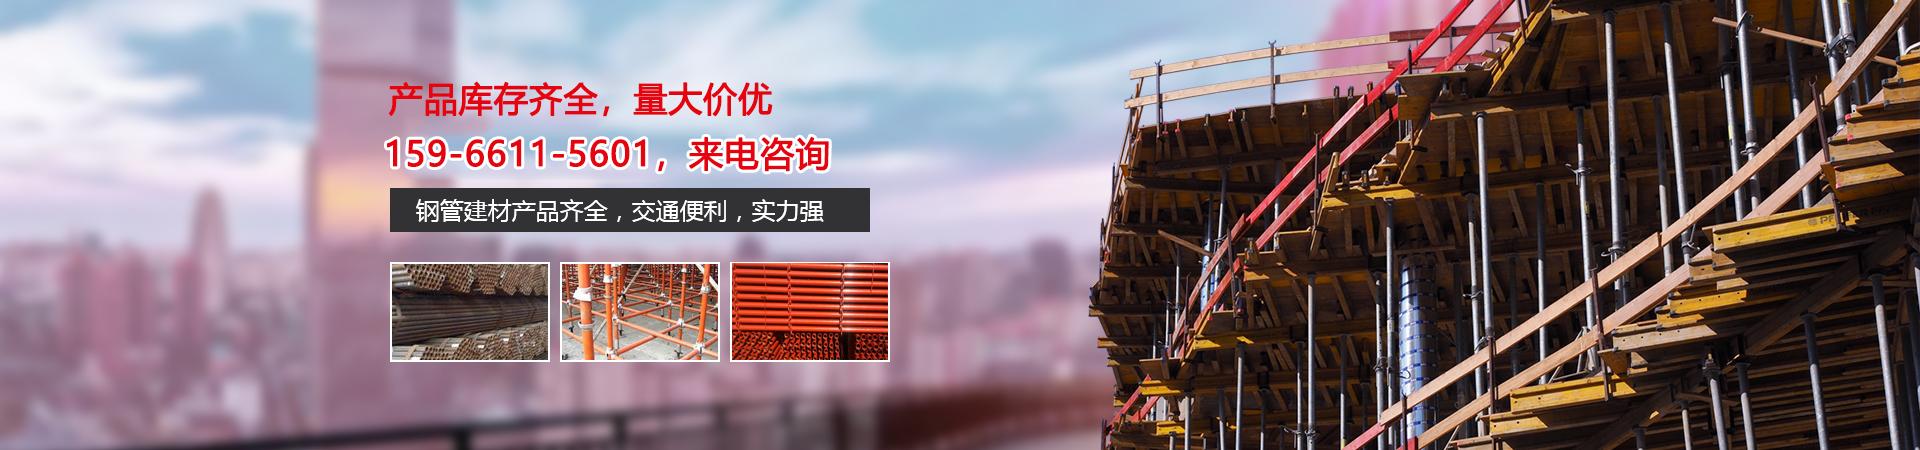 潍坊建筑器材租赁